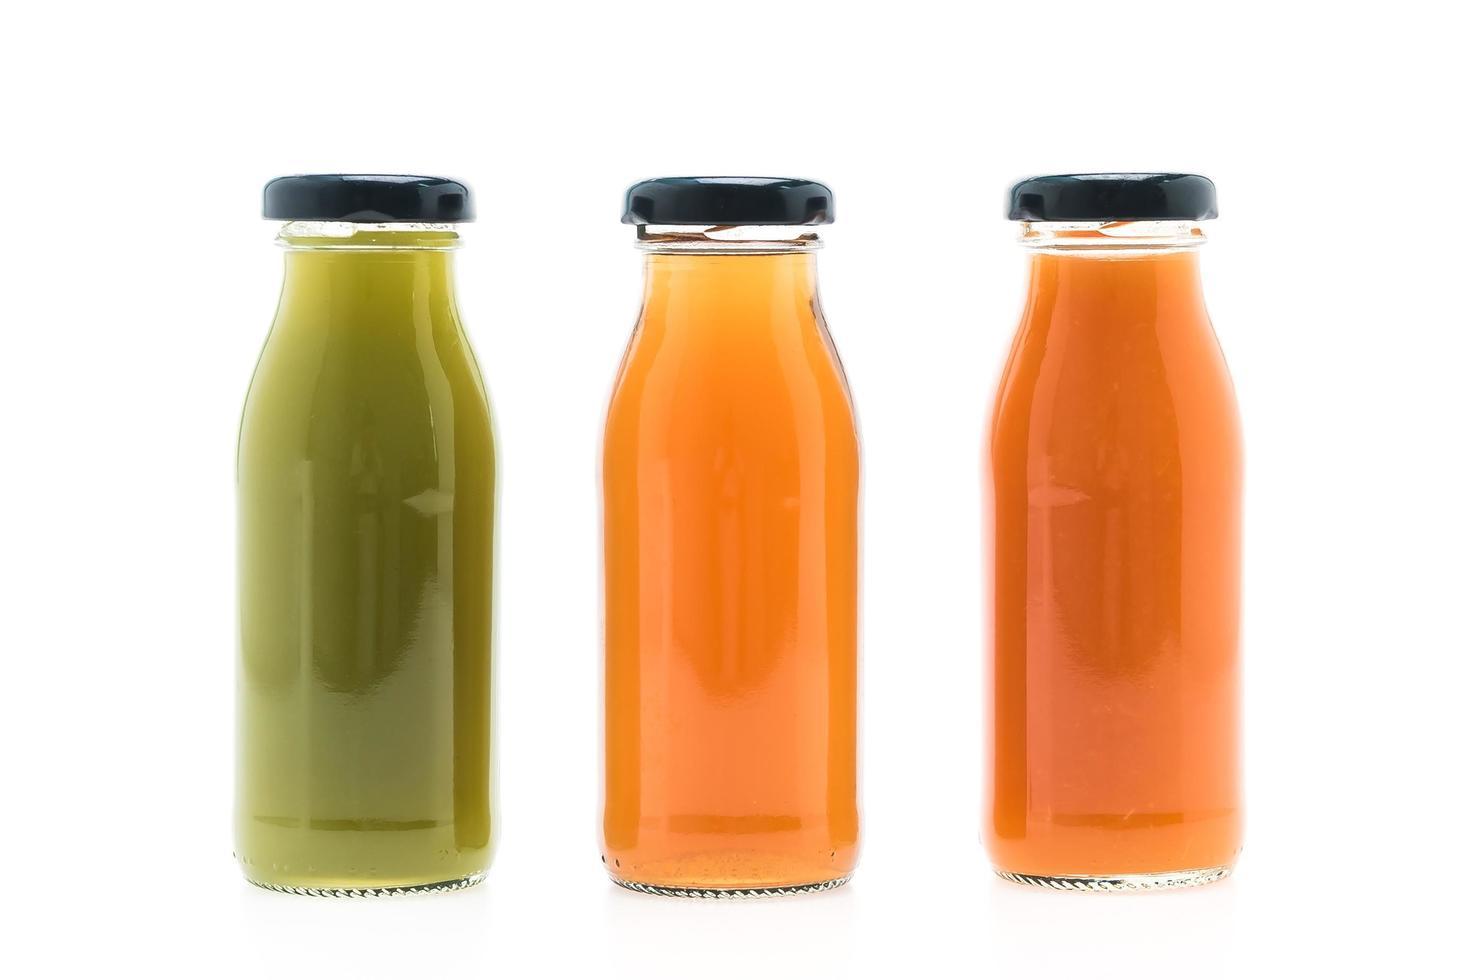 Bouteilles de jus de fruits et légumes isolés sur fond blanc photo